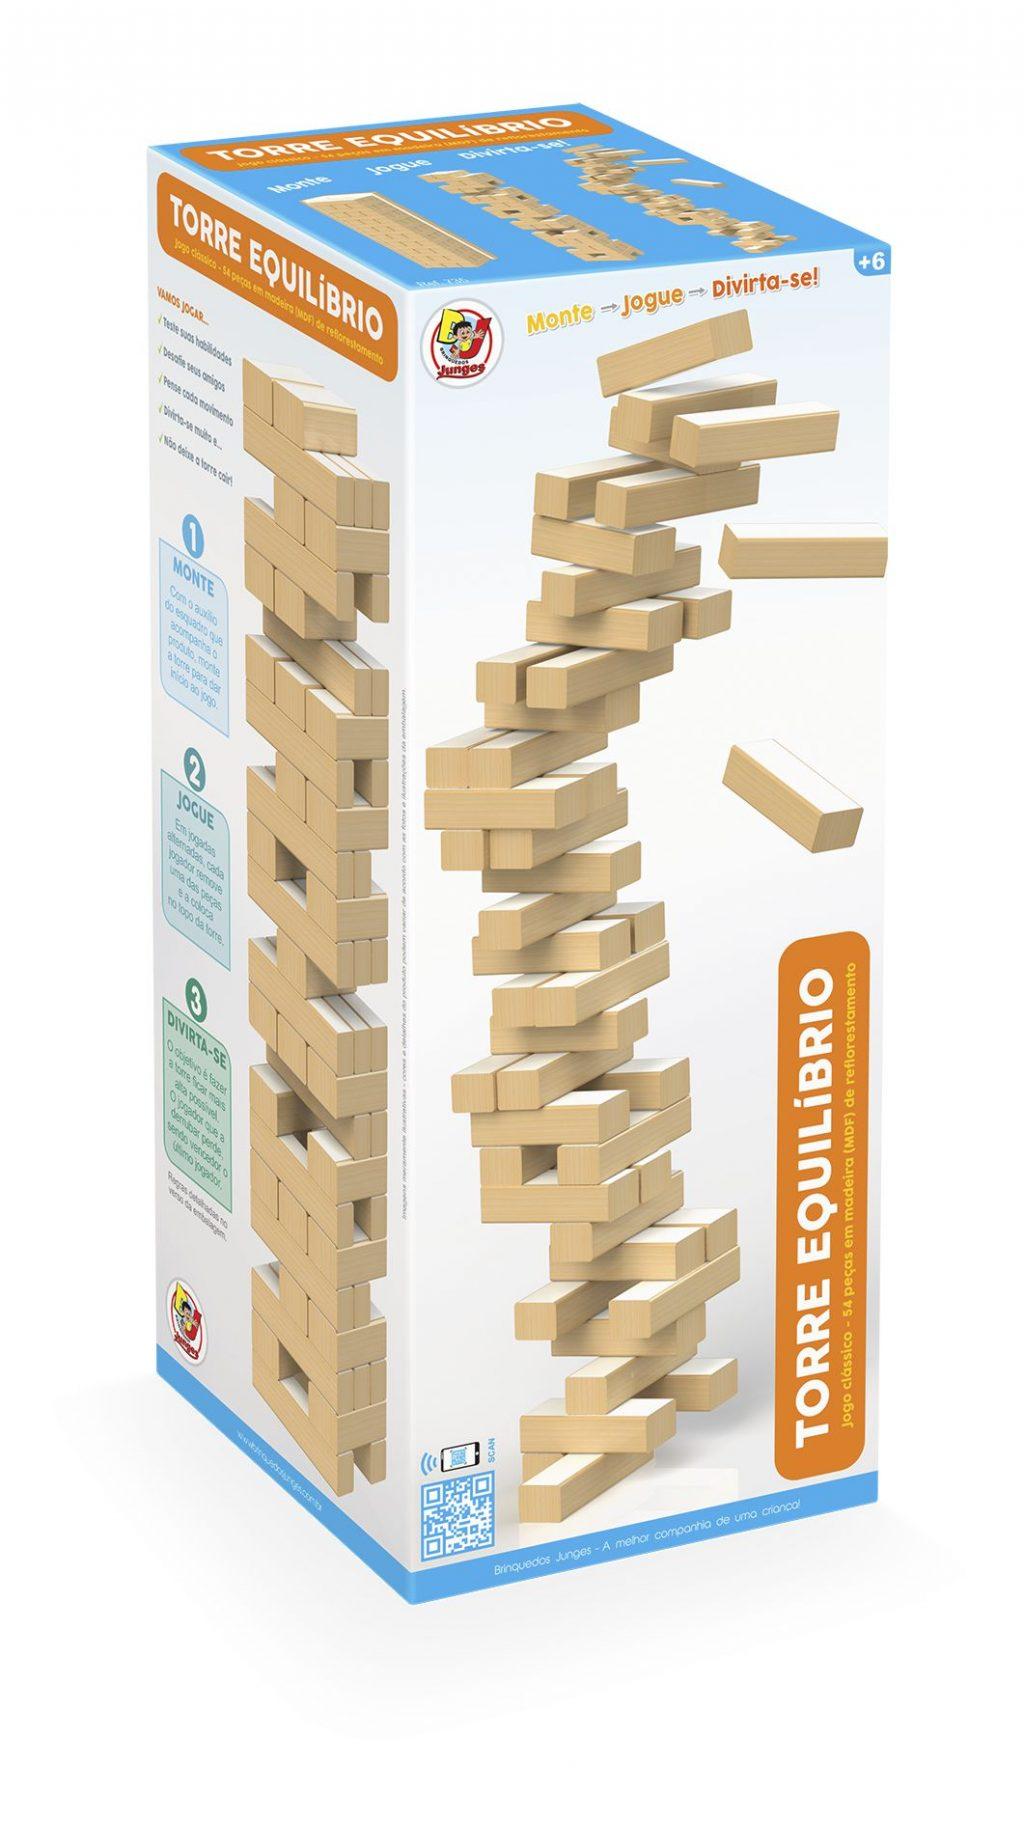 Embalagem Torre de equilíbrio